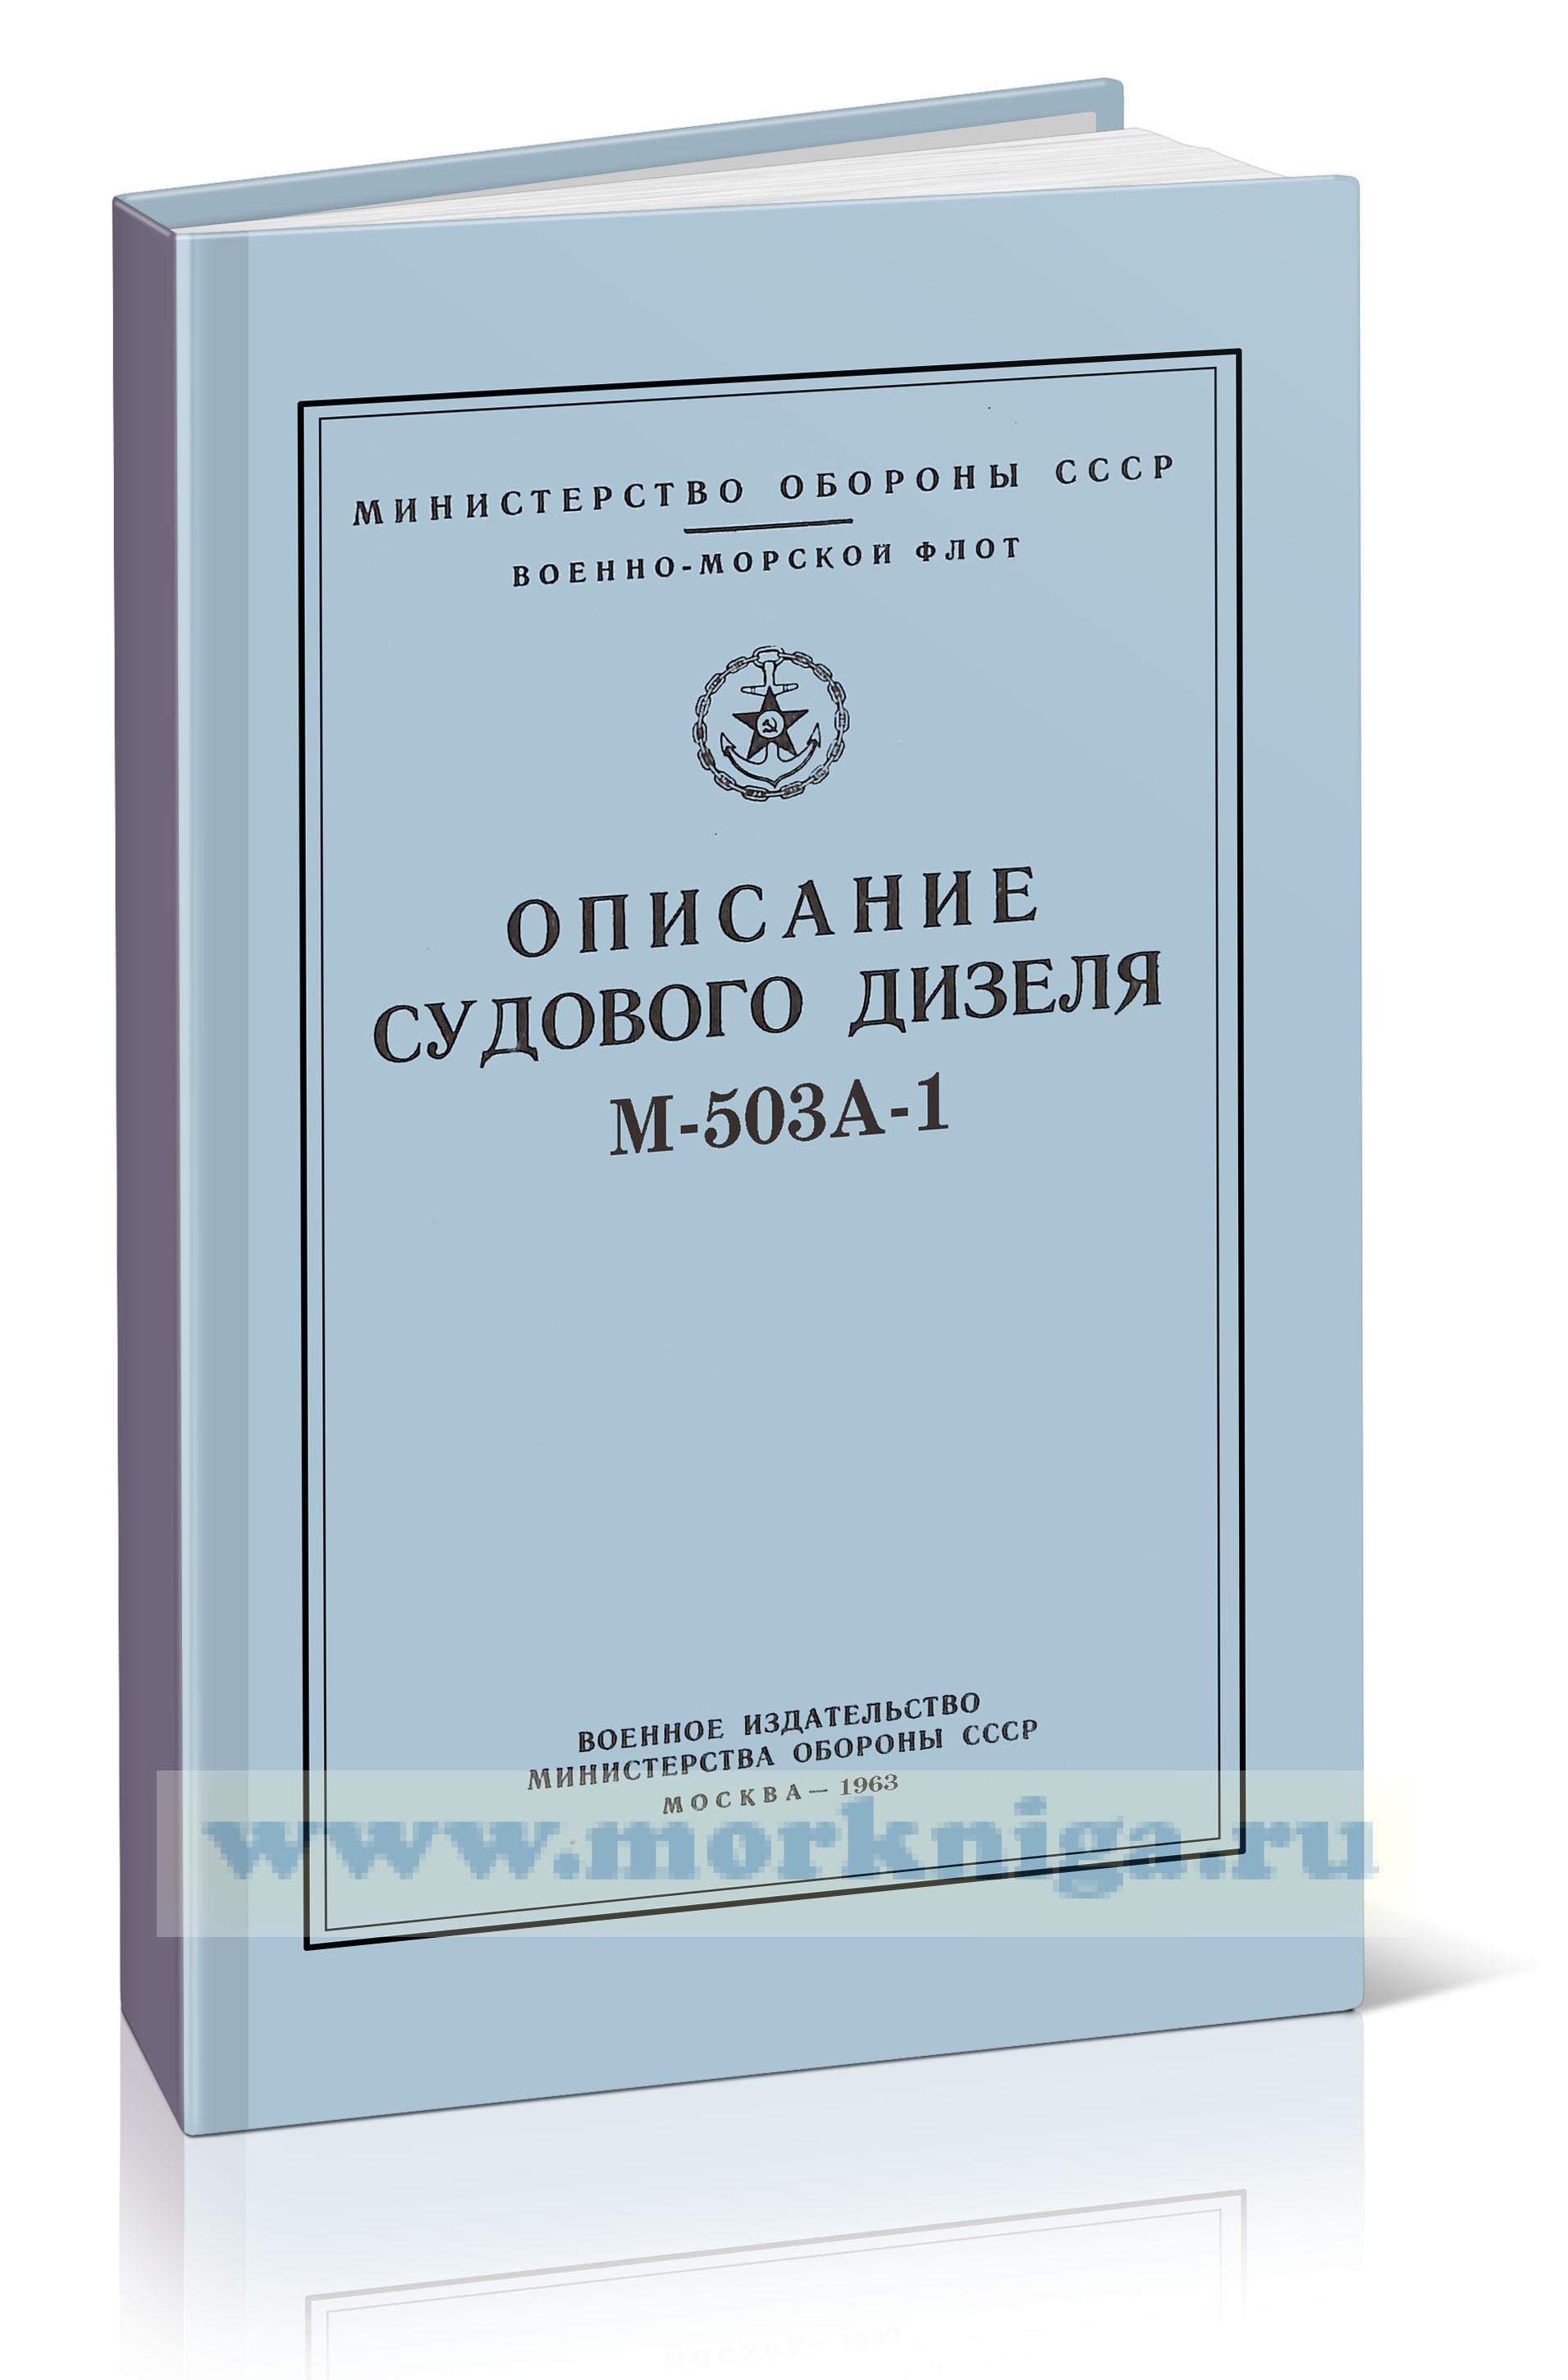 Описание судового дизеля М-503А-1